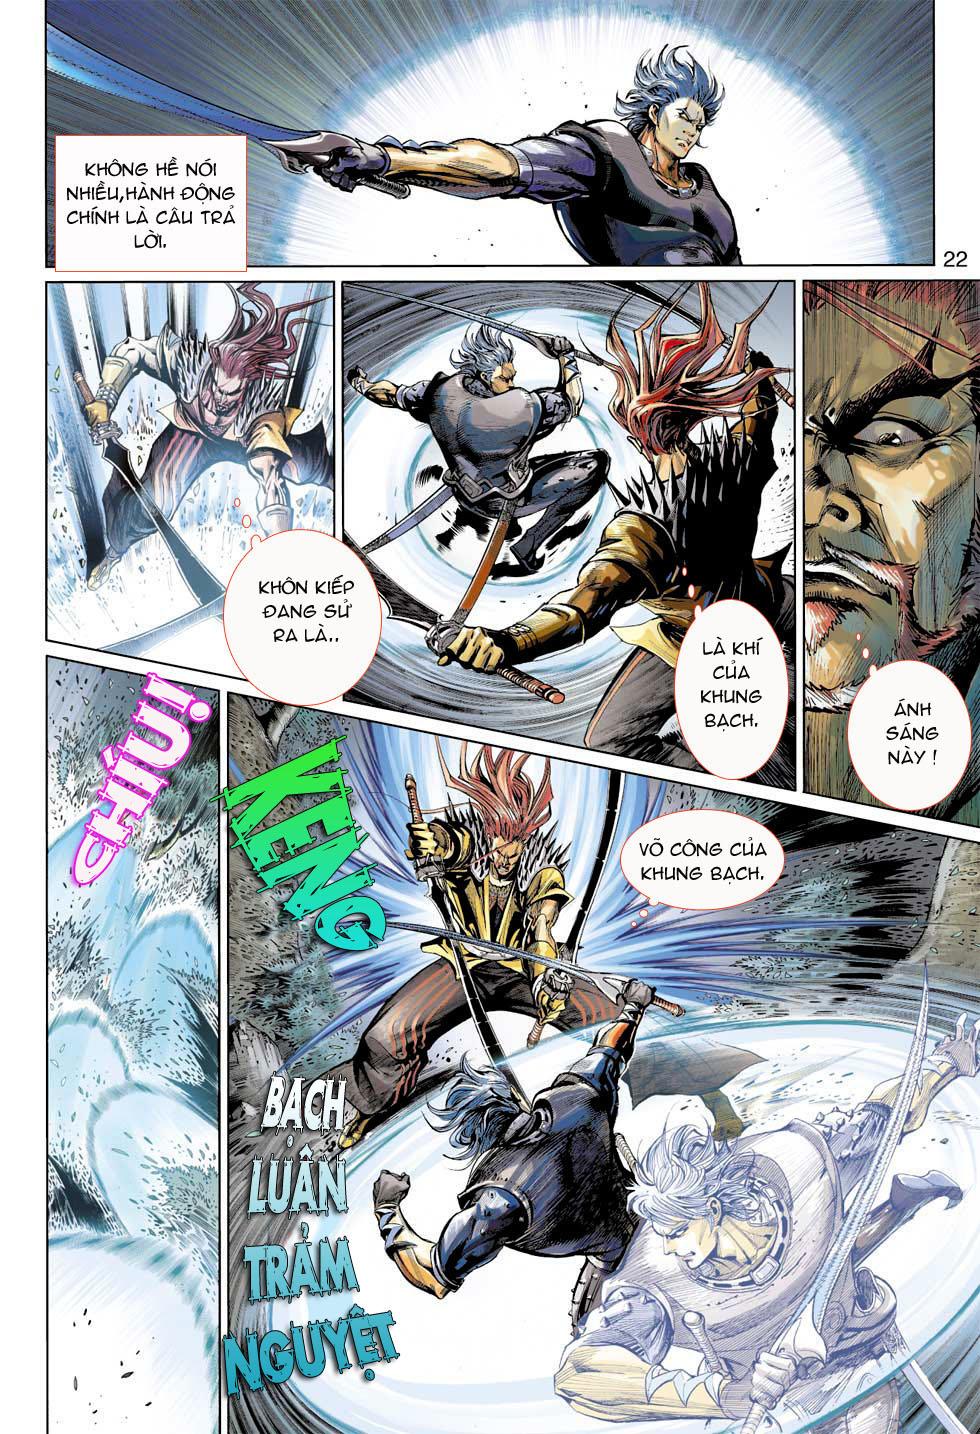 Thần Binh 4 chap 7 - Trang 22